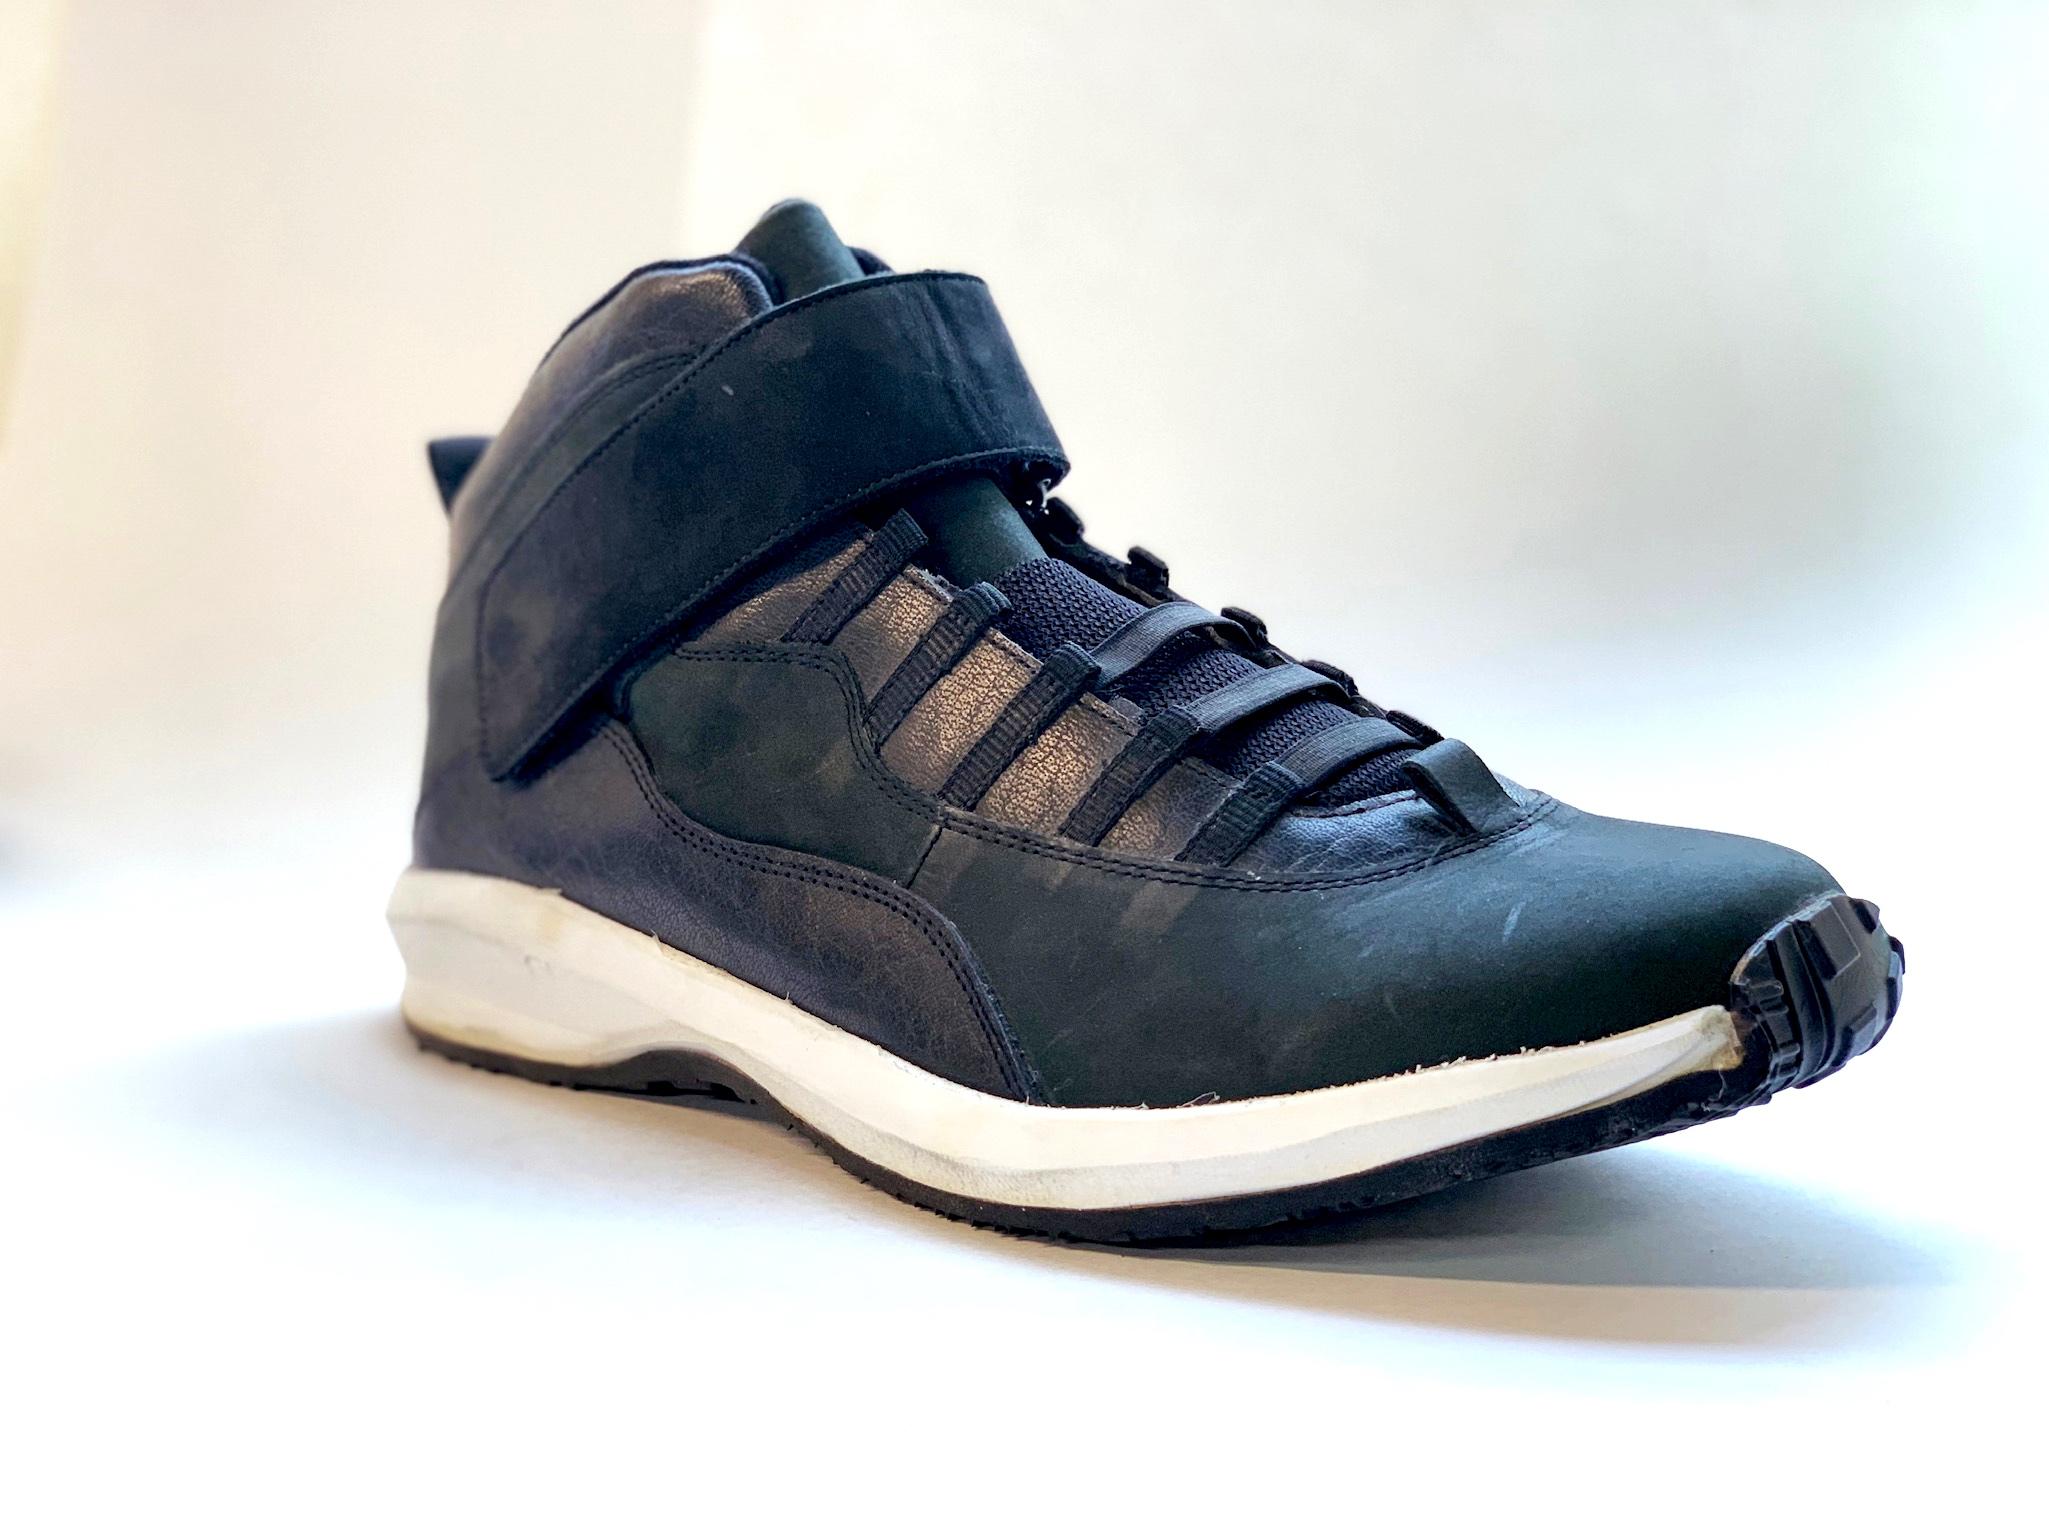 Jordan Velcro